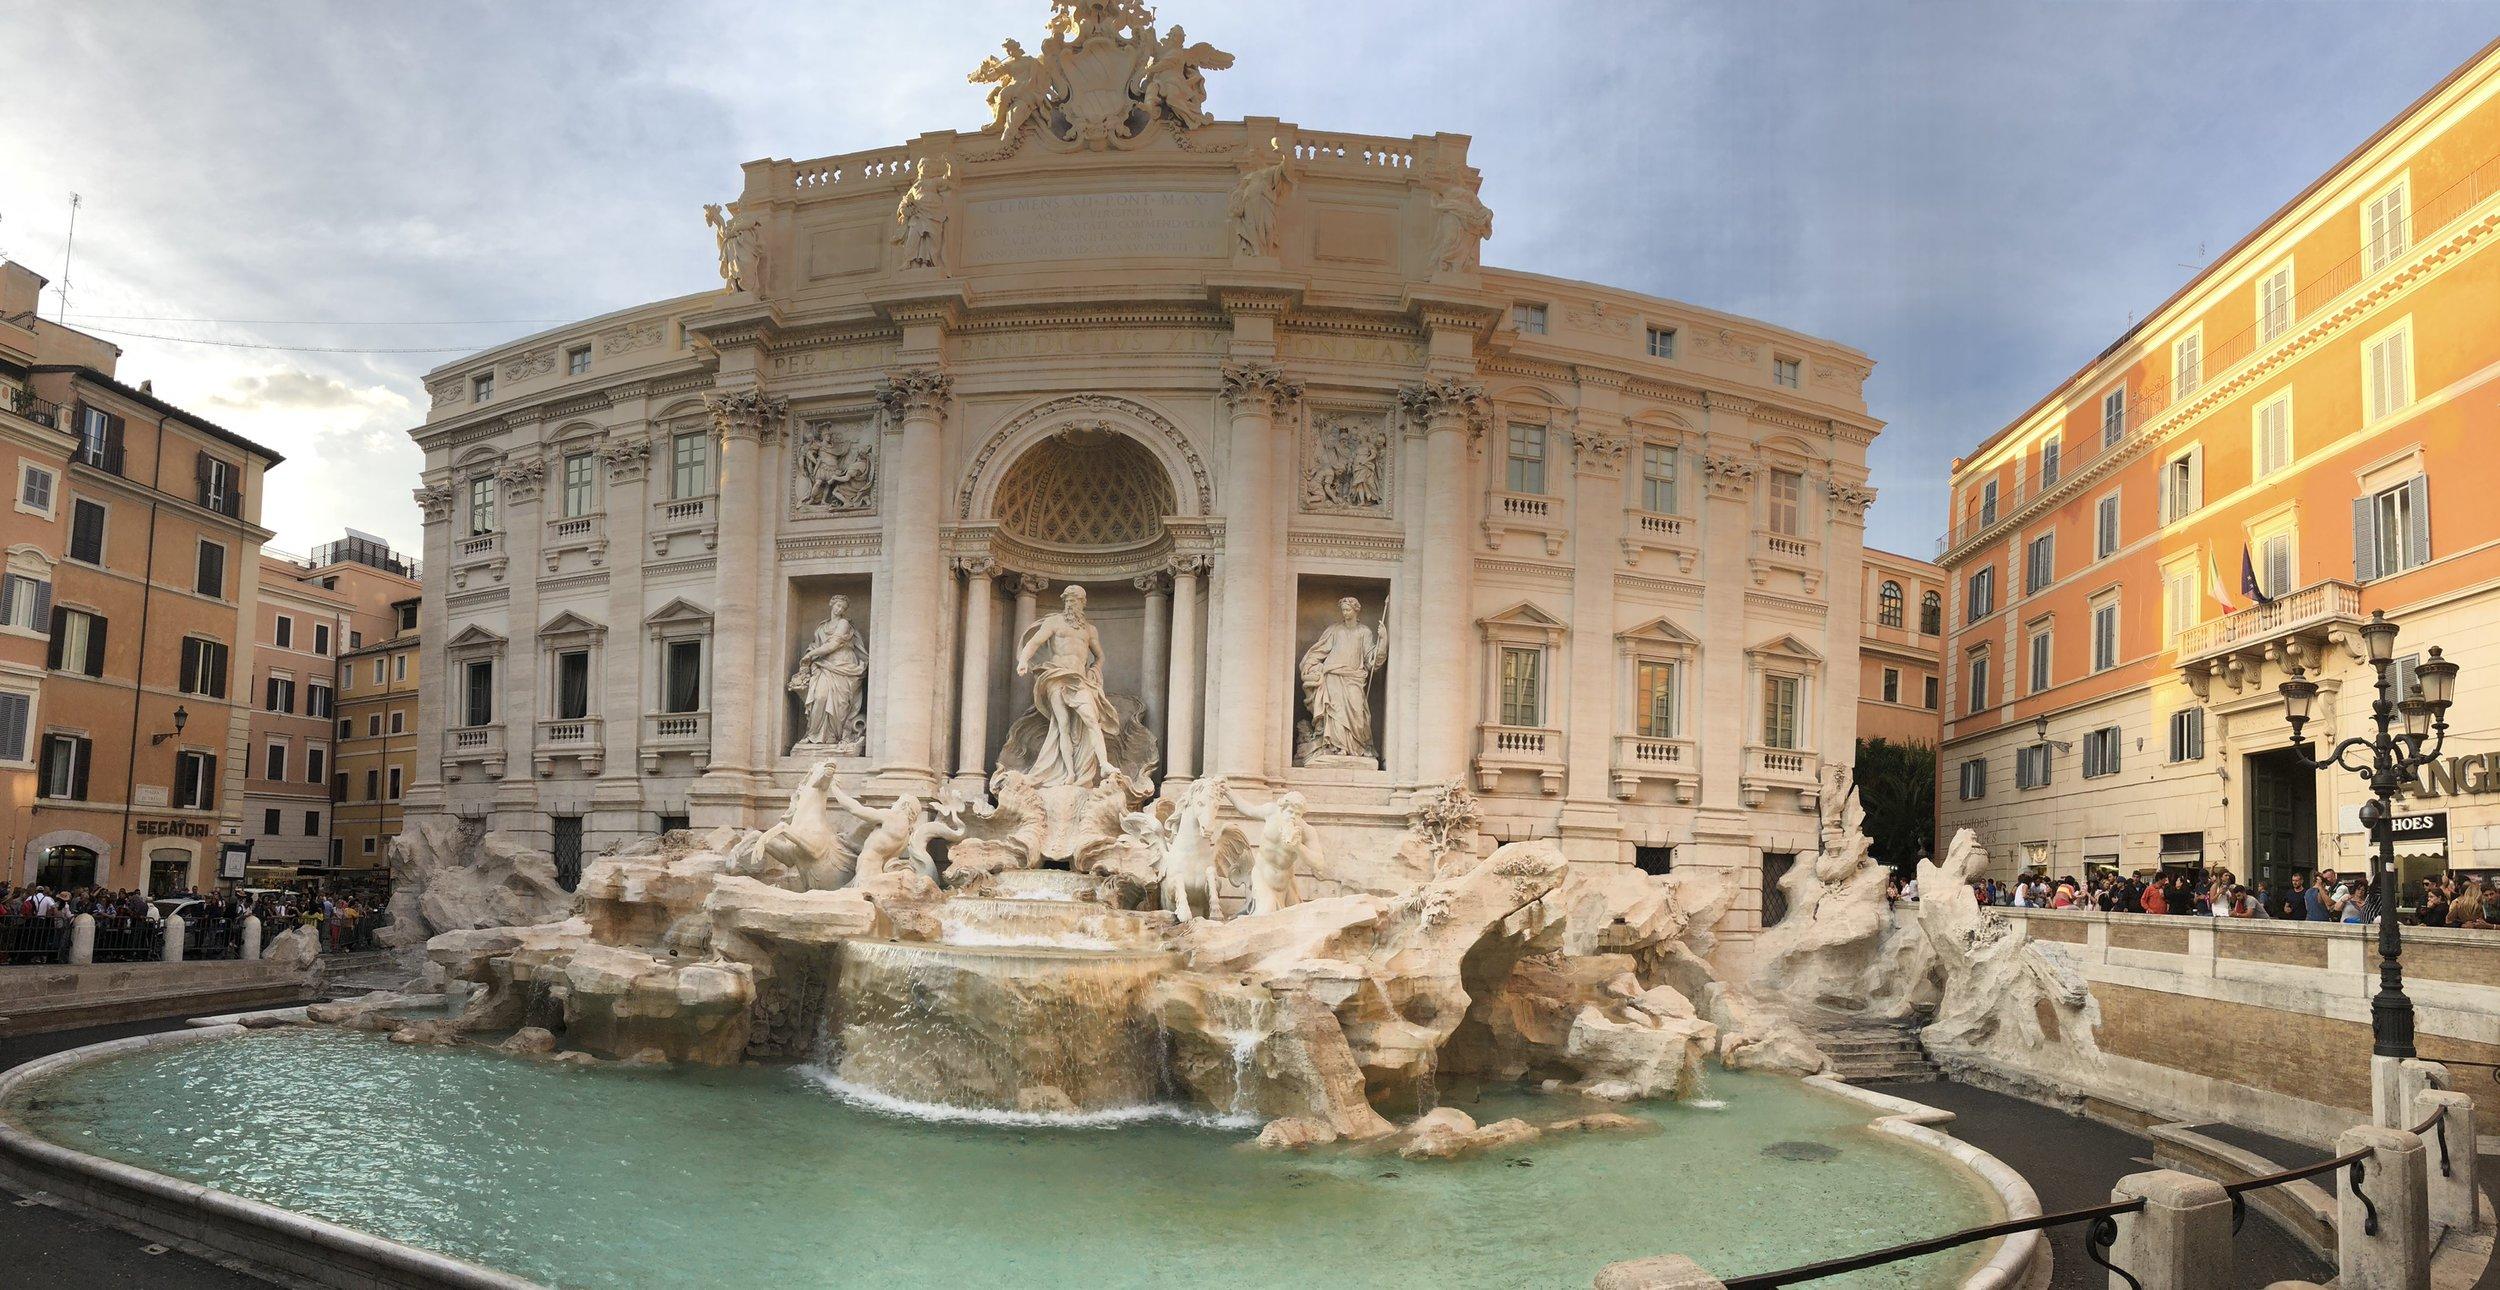 Treve Fountain